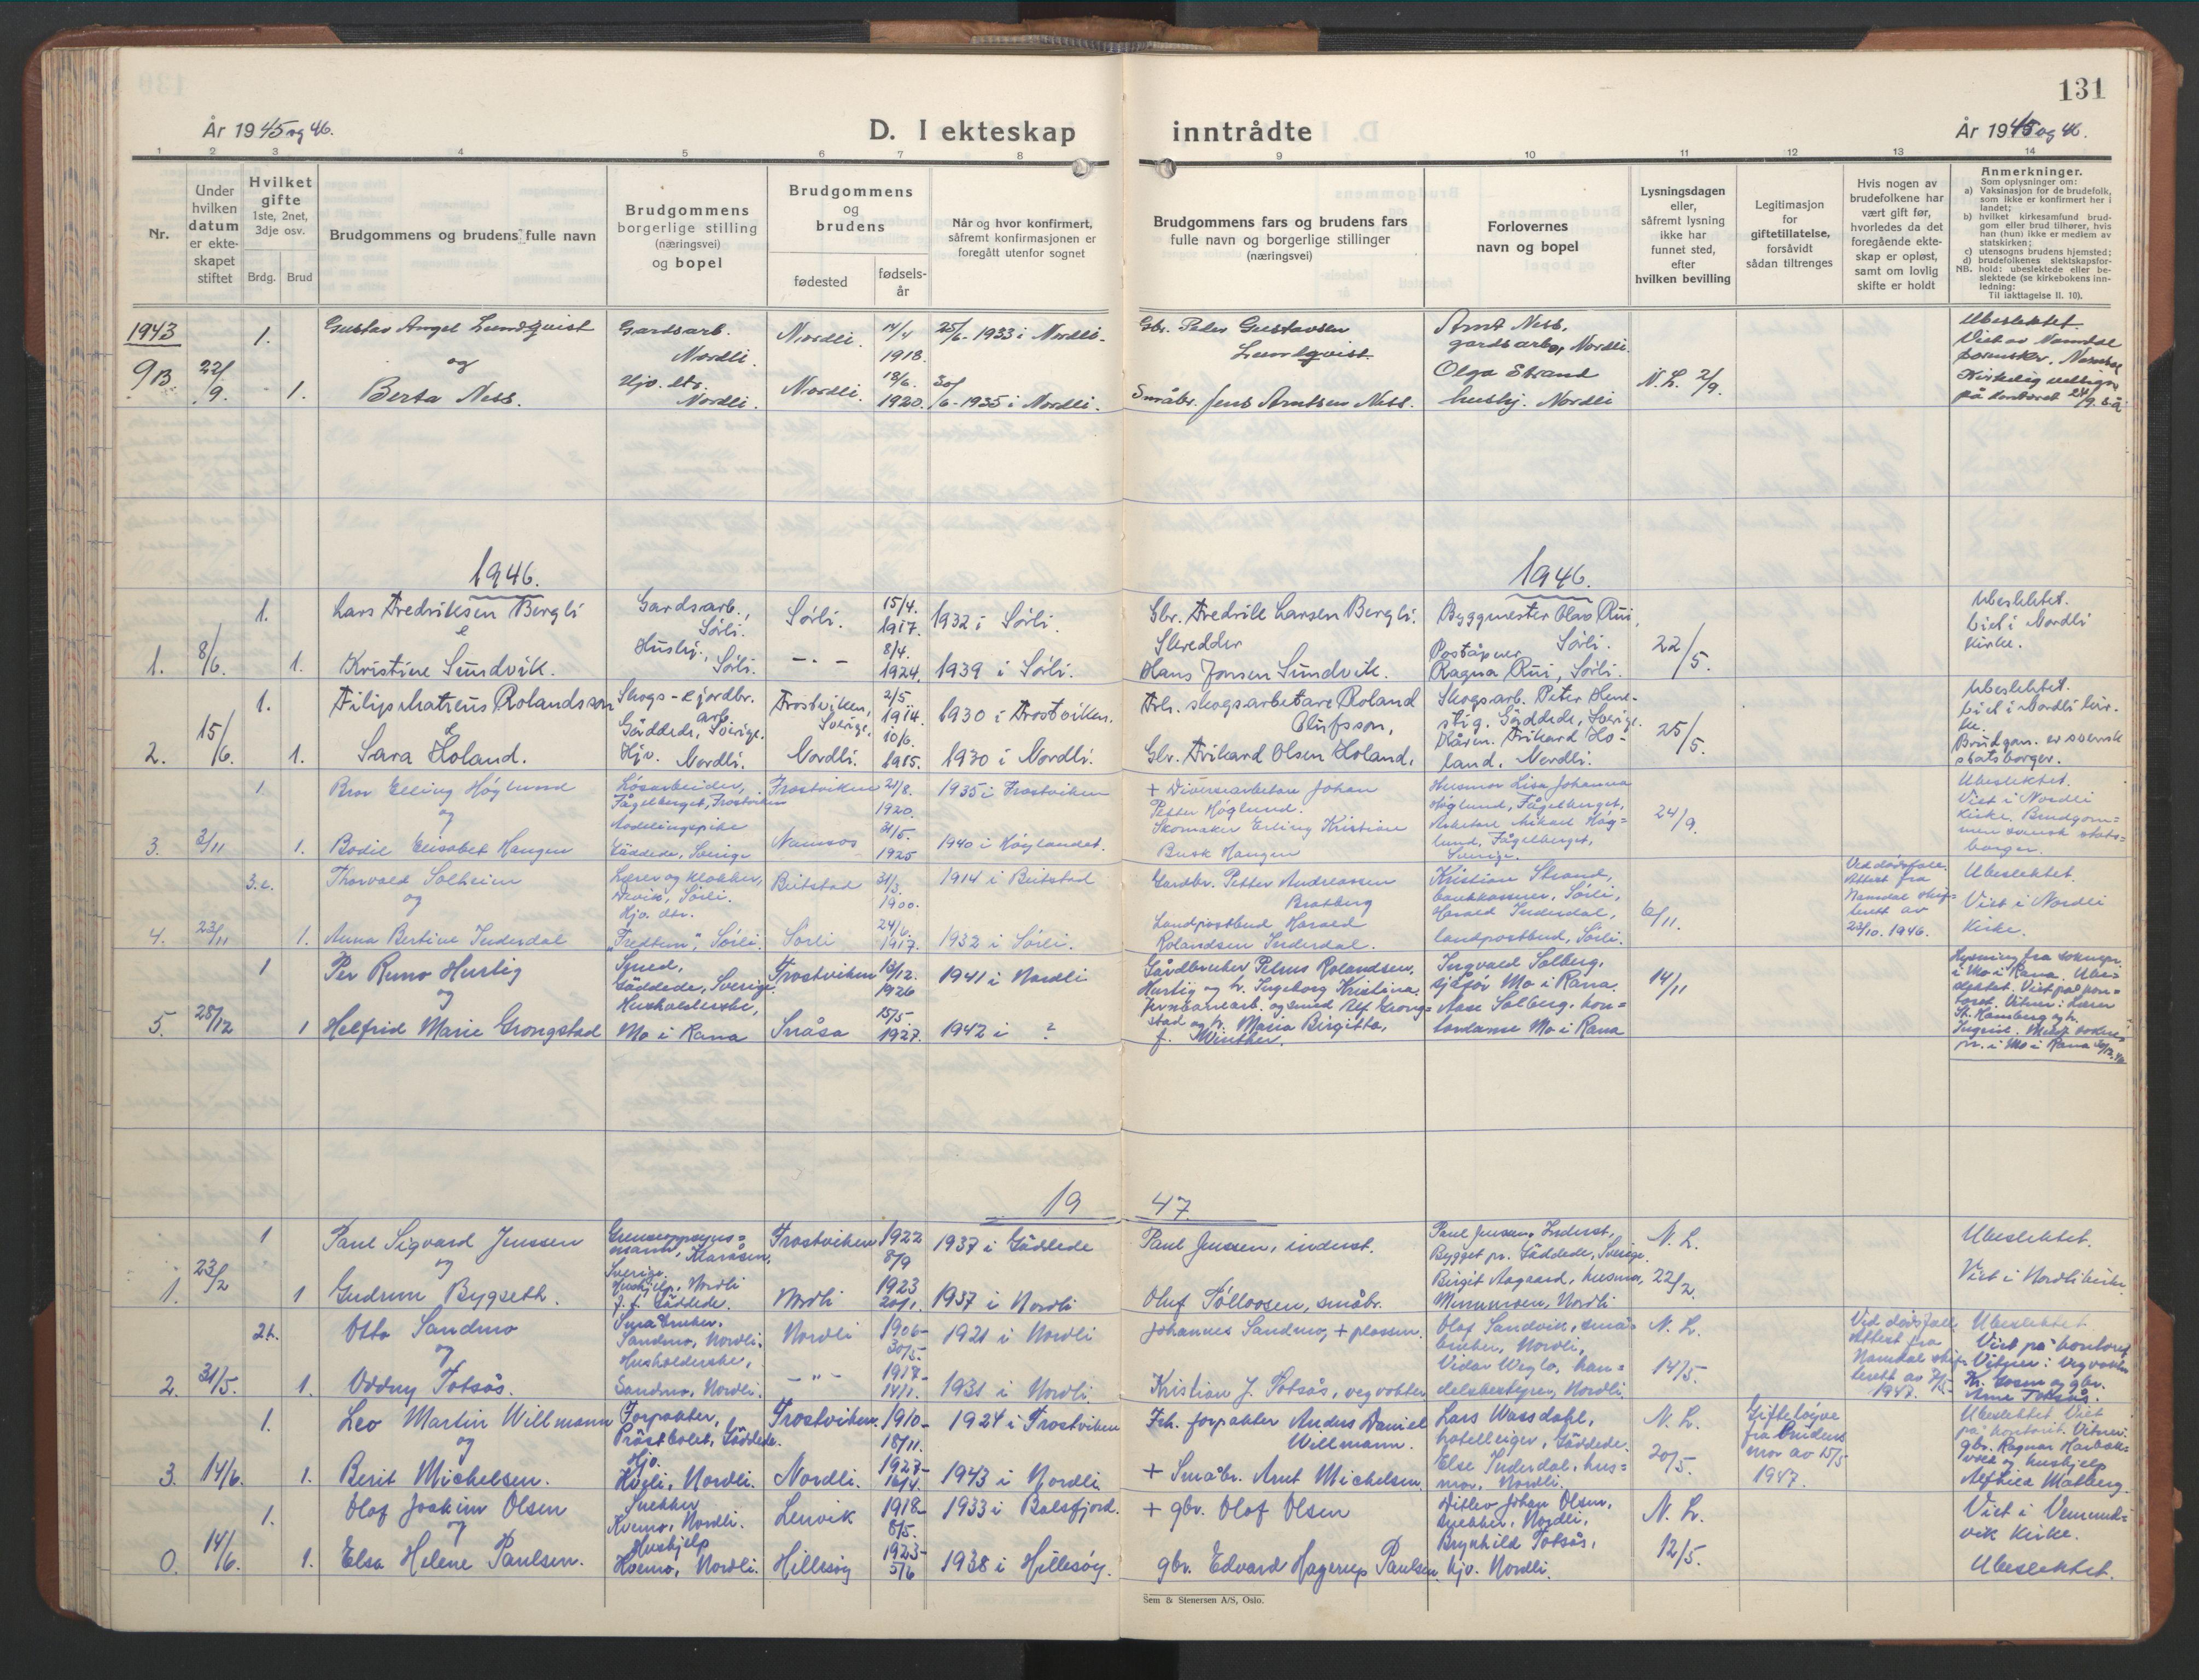 SAT, Ministerialprotokoller, klokkerbøker og fødselsregistre - Nord-Trøndelag, 755/L0500: Klokkerbok nr. 755C01, 1920-1962, s. 131